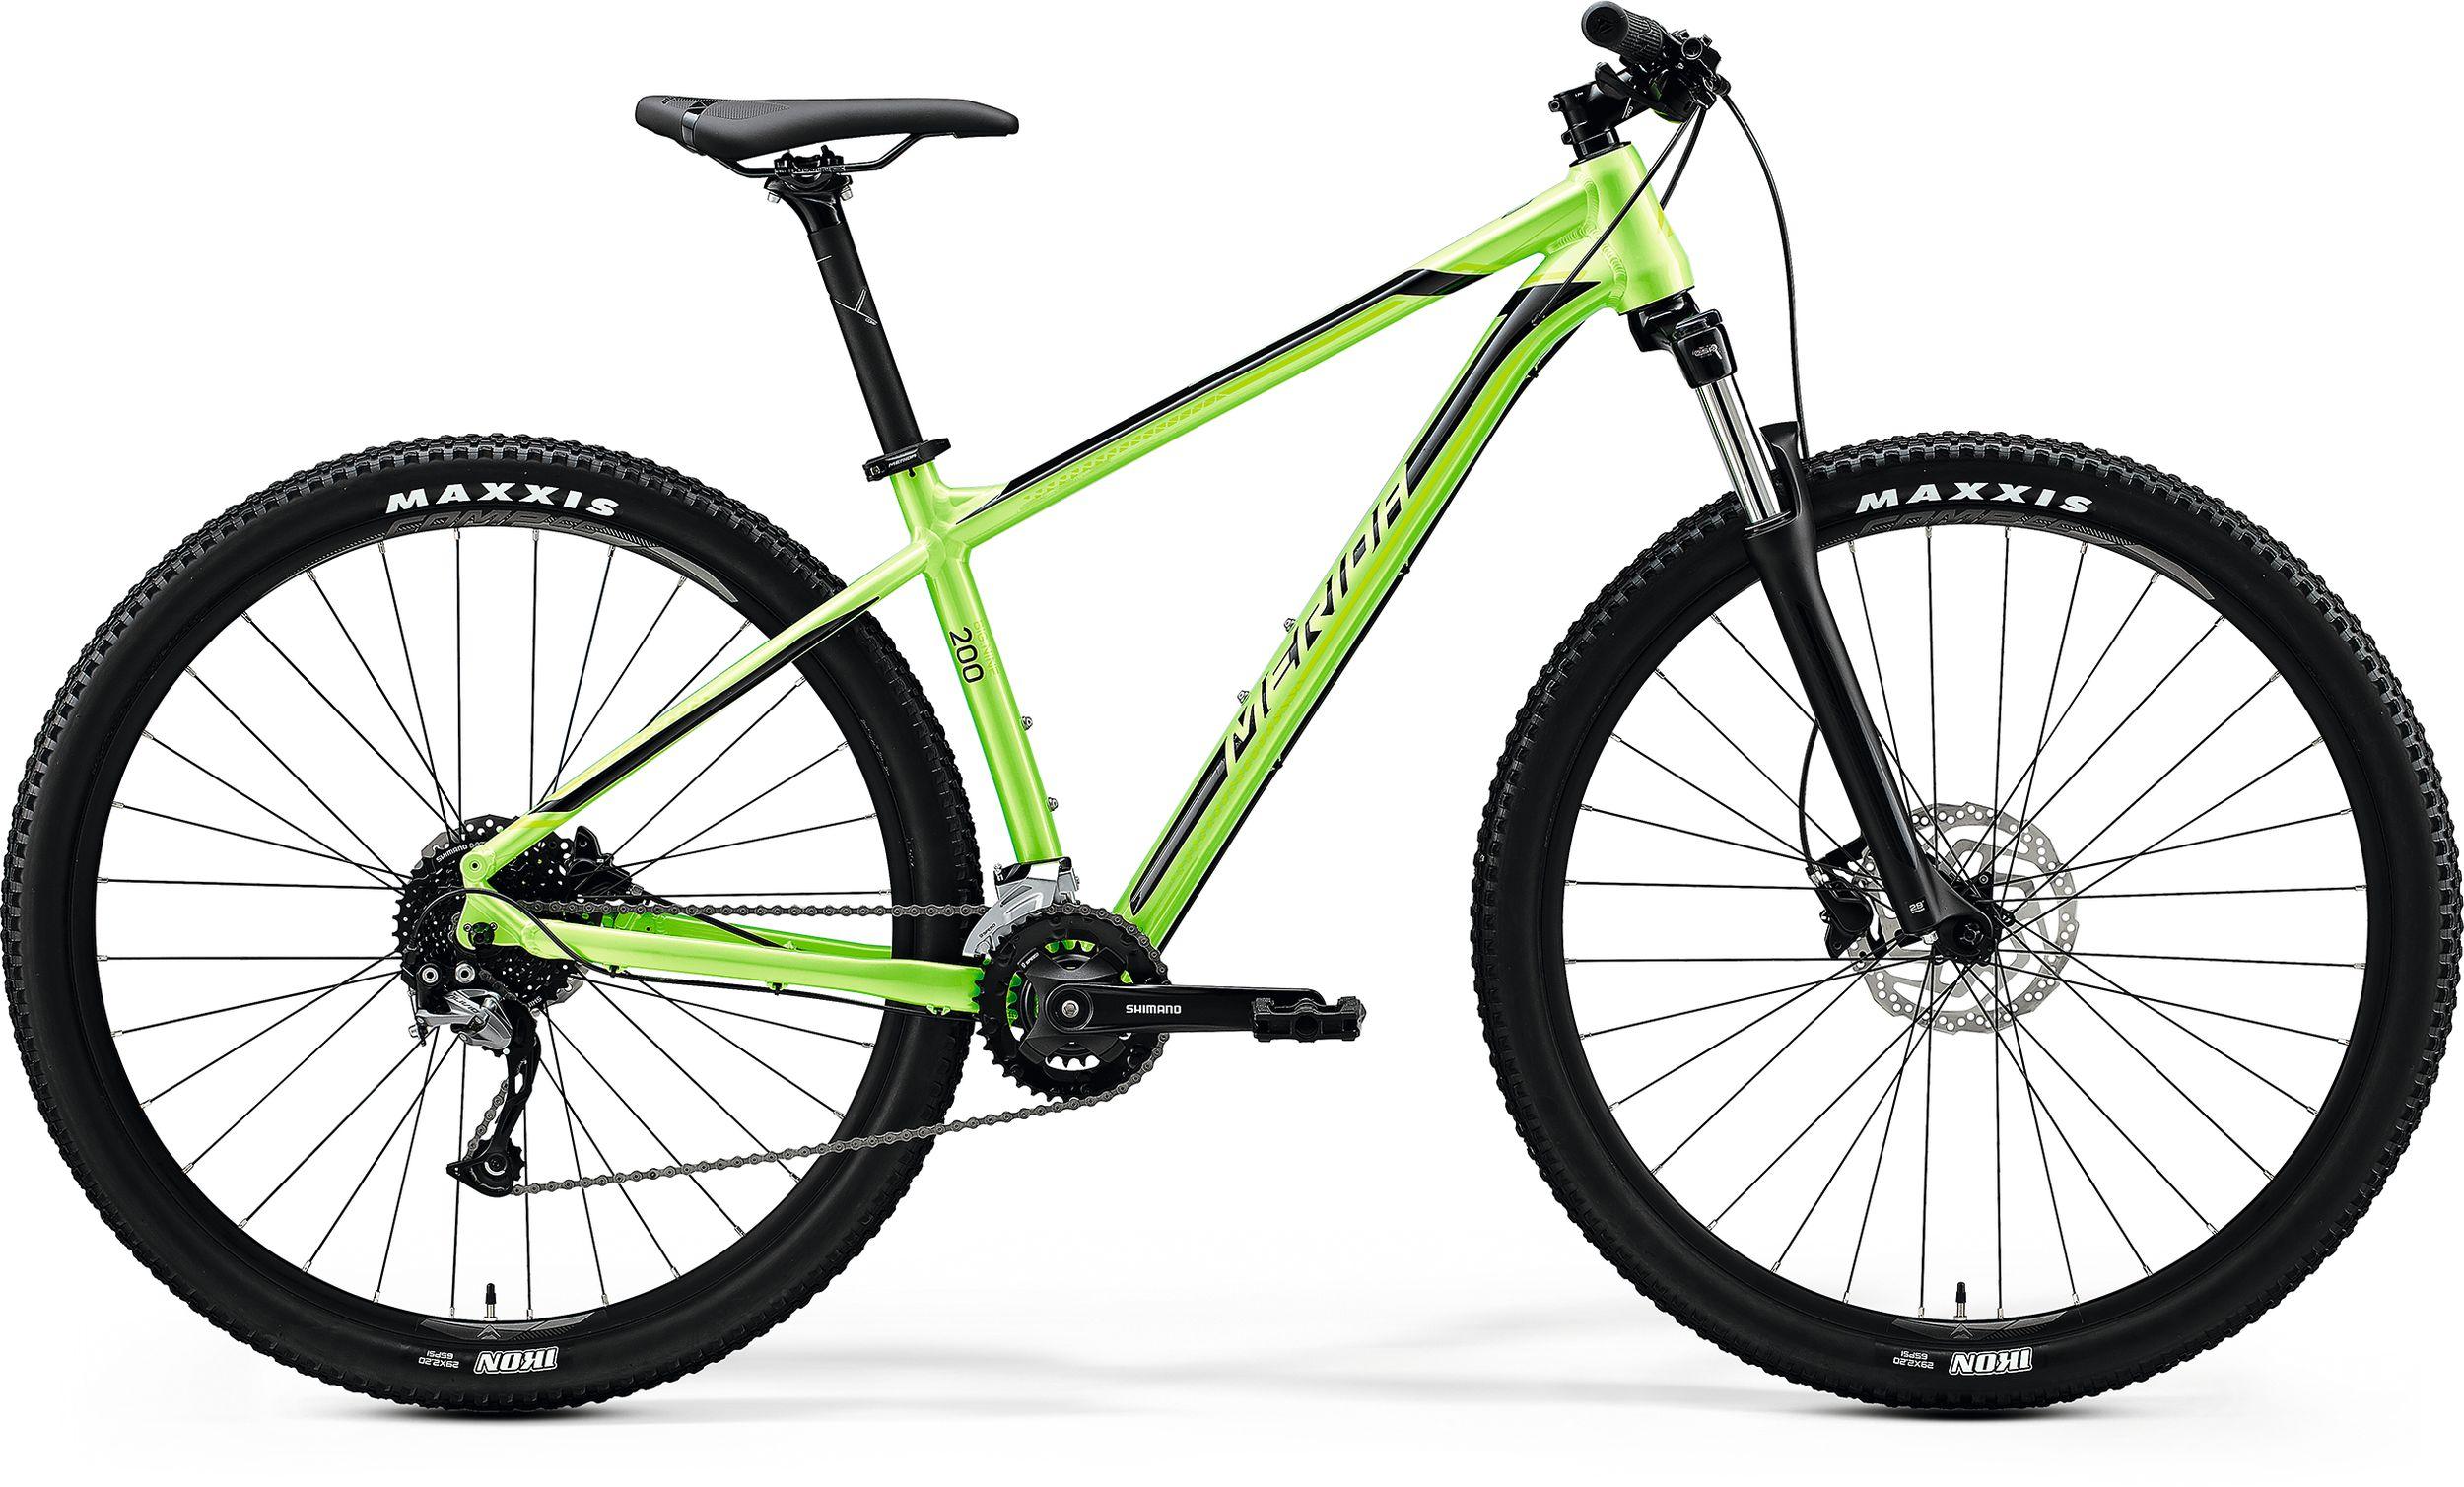 Mountain bike ammortizzata Merida bic nine 200